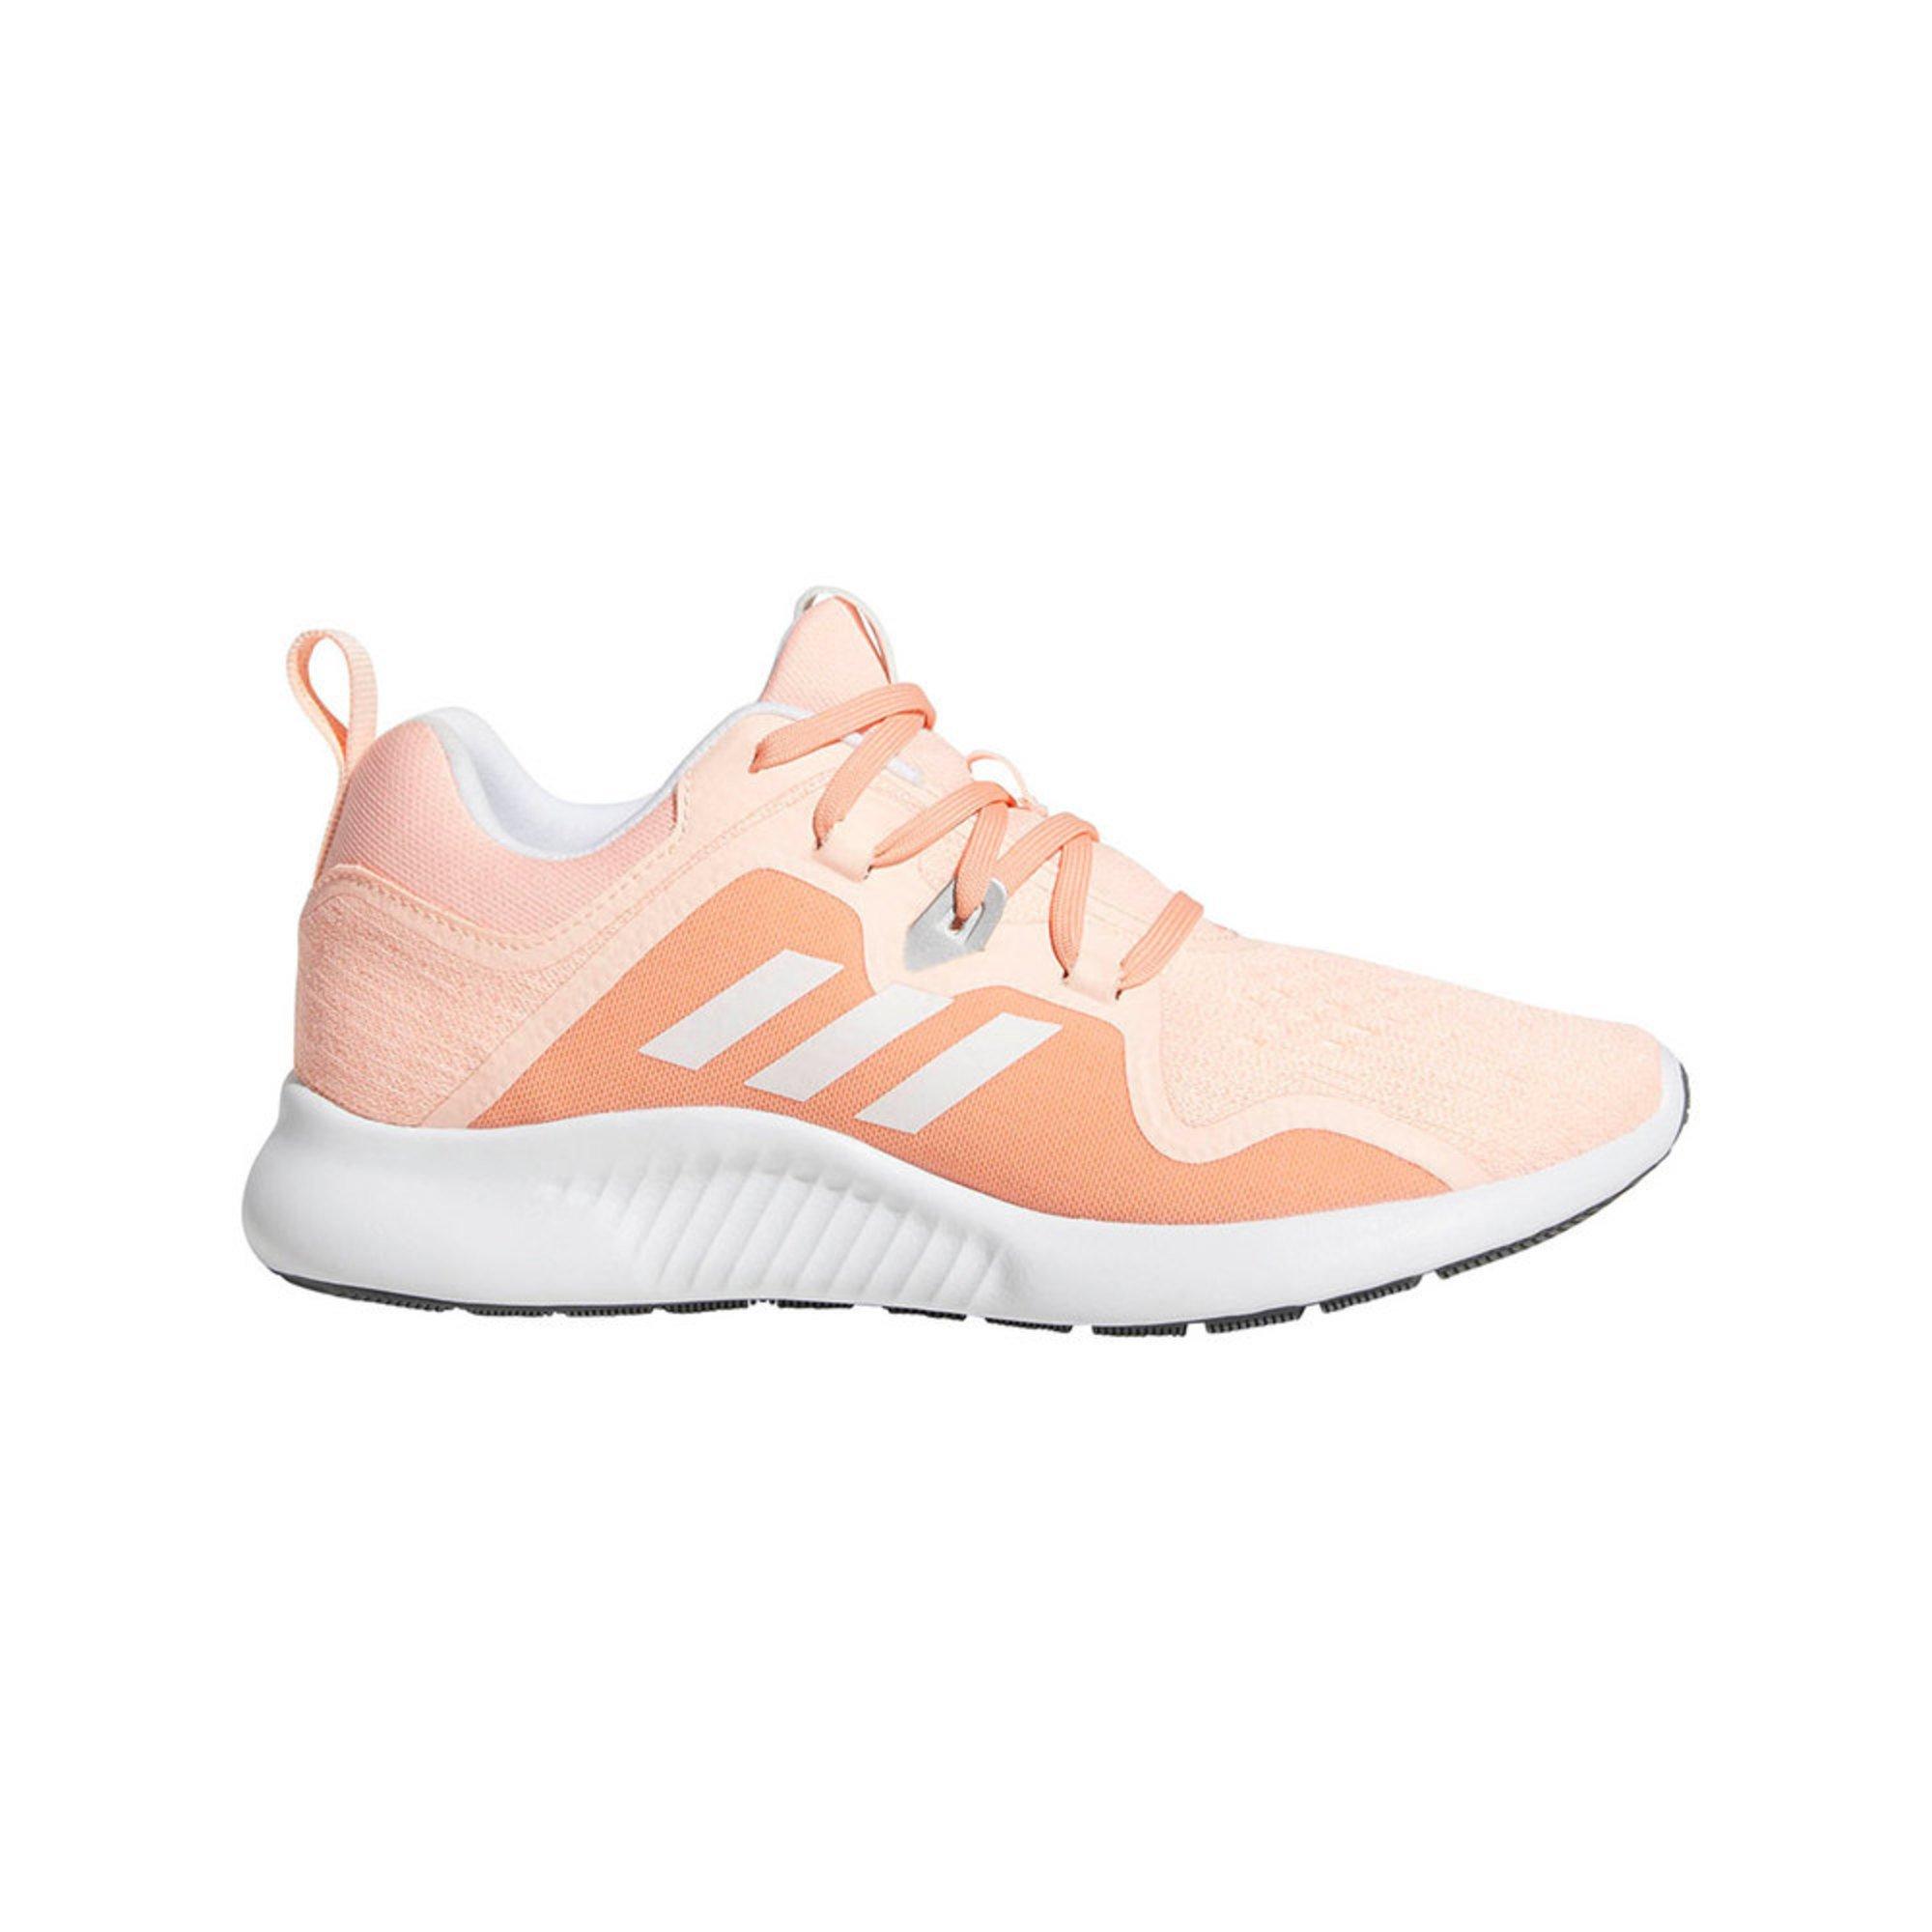 new arrival 4773e c2a26 Adidas Women s Edgebounce Running Shoe   Women s Running Shoes ...